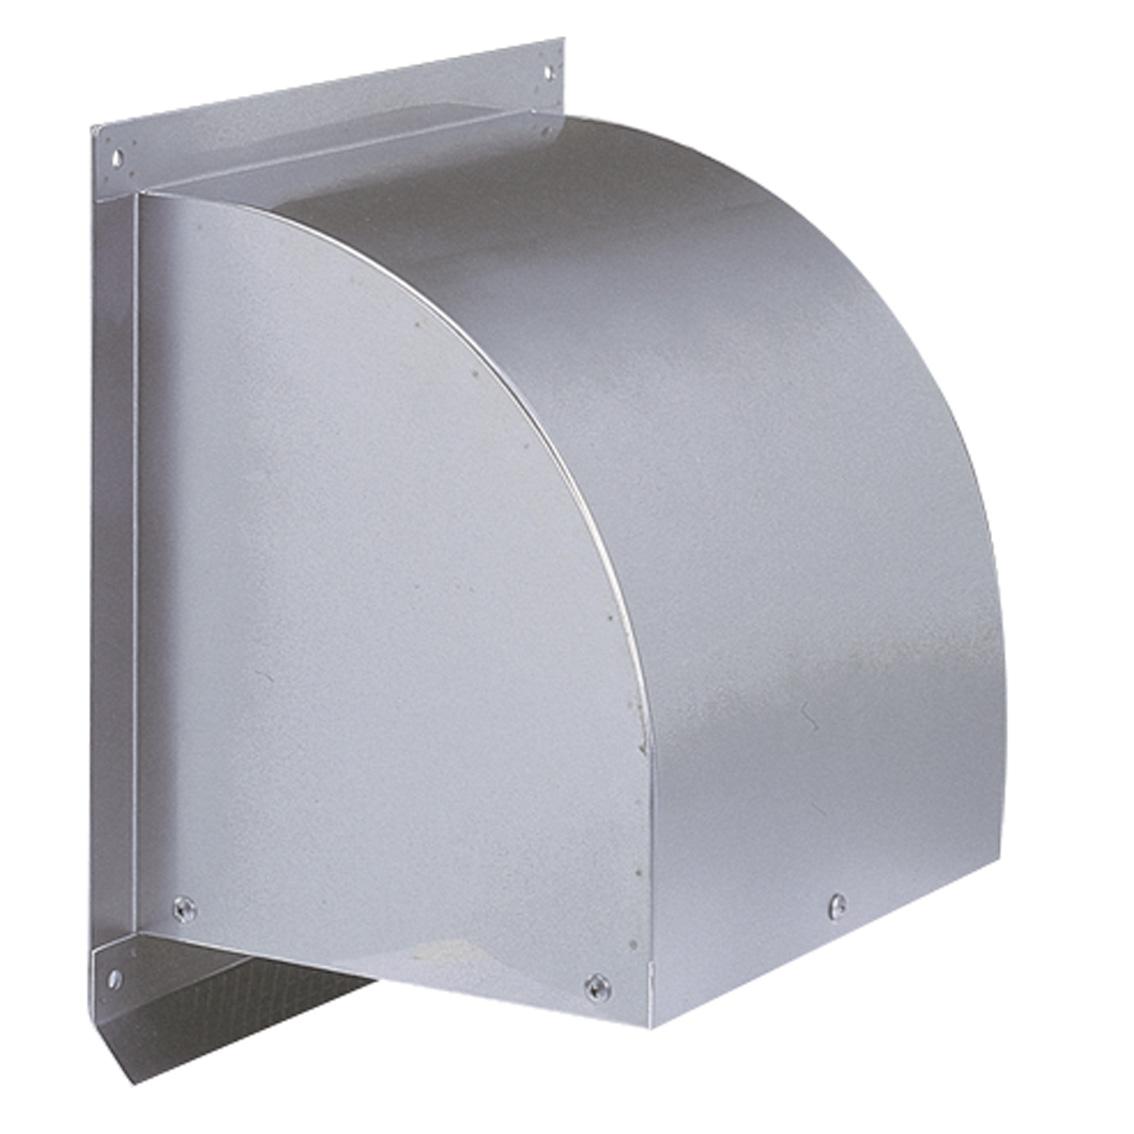 西邦工業 SEIHO WC550S 外壁用ステンレス製換気口 (ウエザーカバー) 金網型3メッシュ 大口径